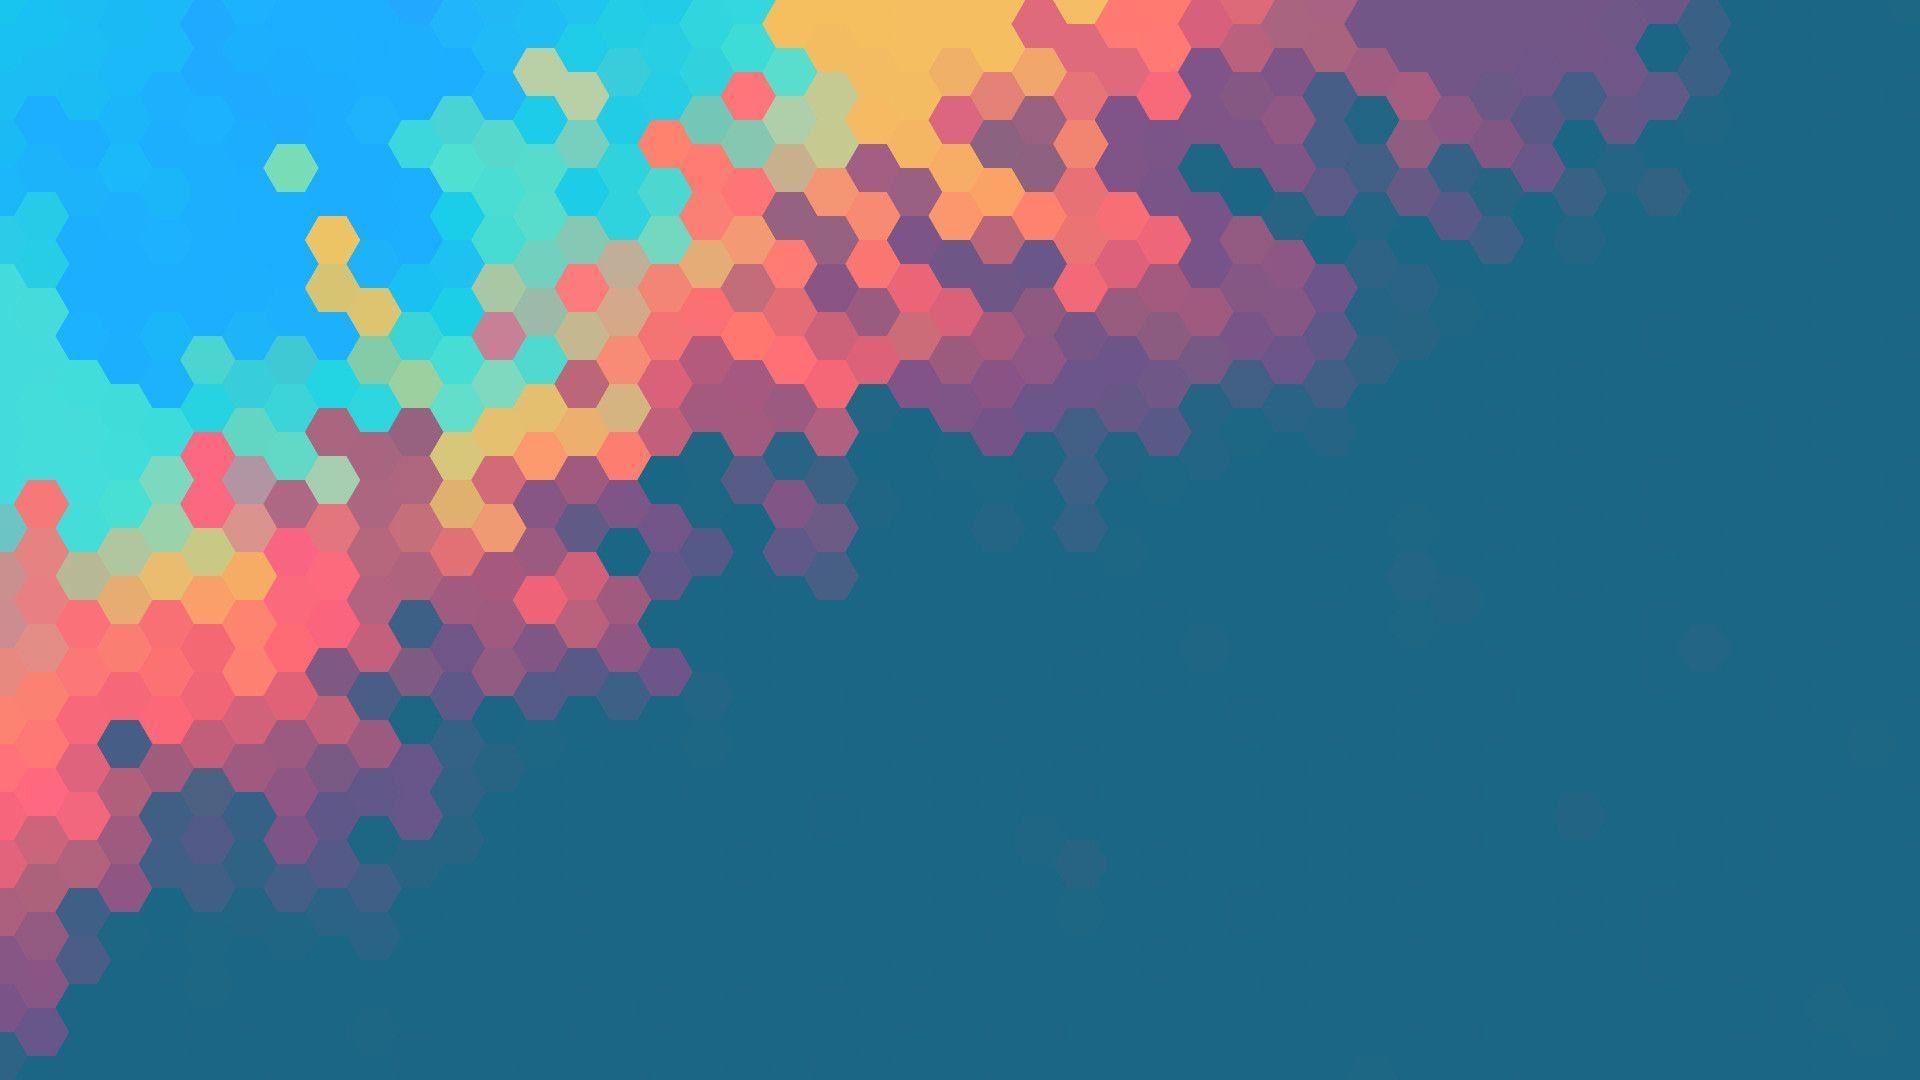 2560x1440 3 Free Minimalist Wallpapers